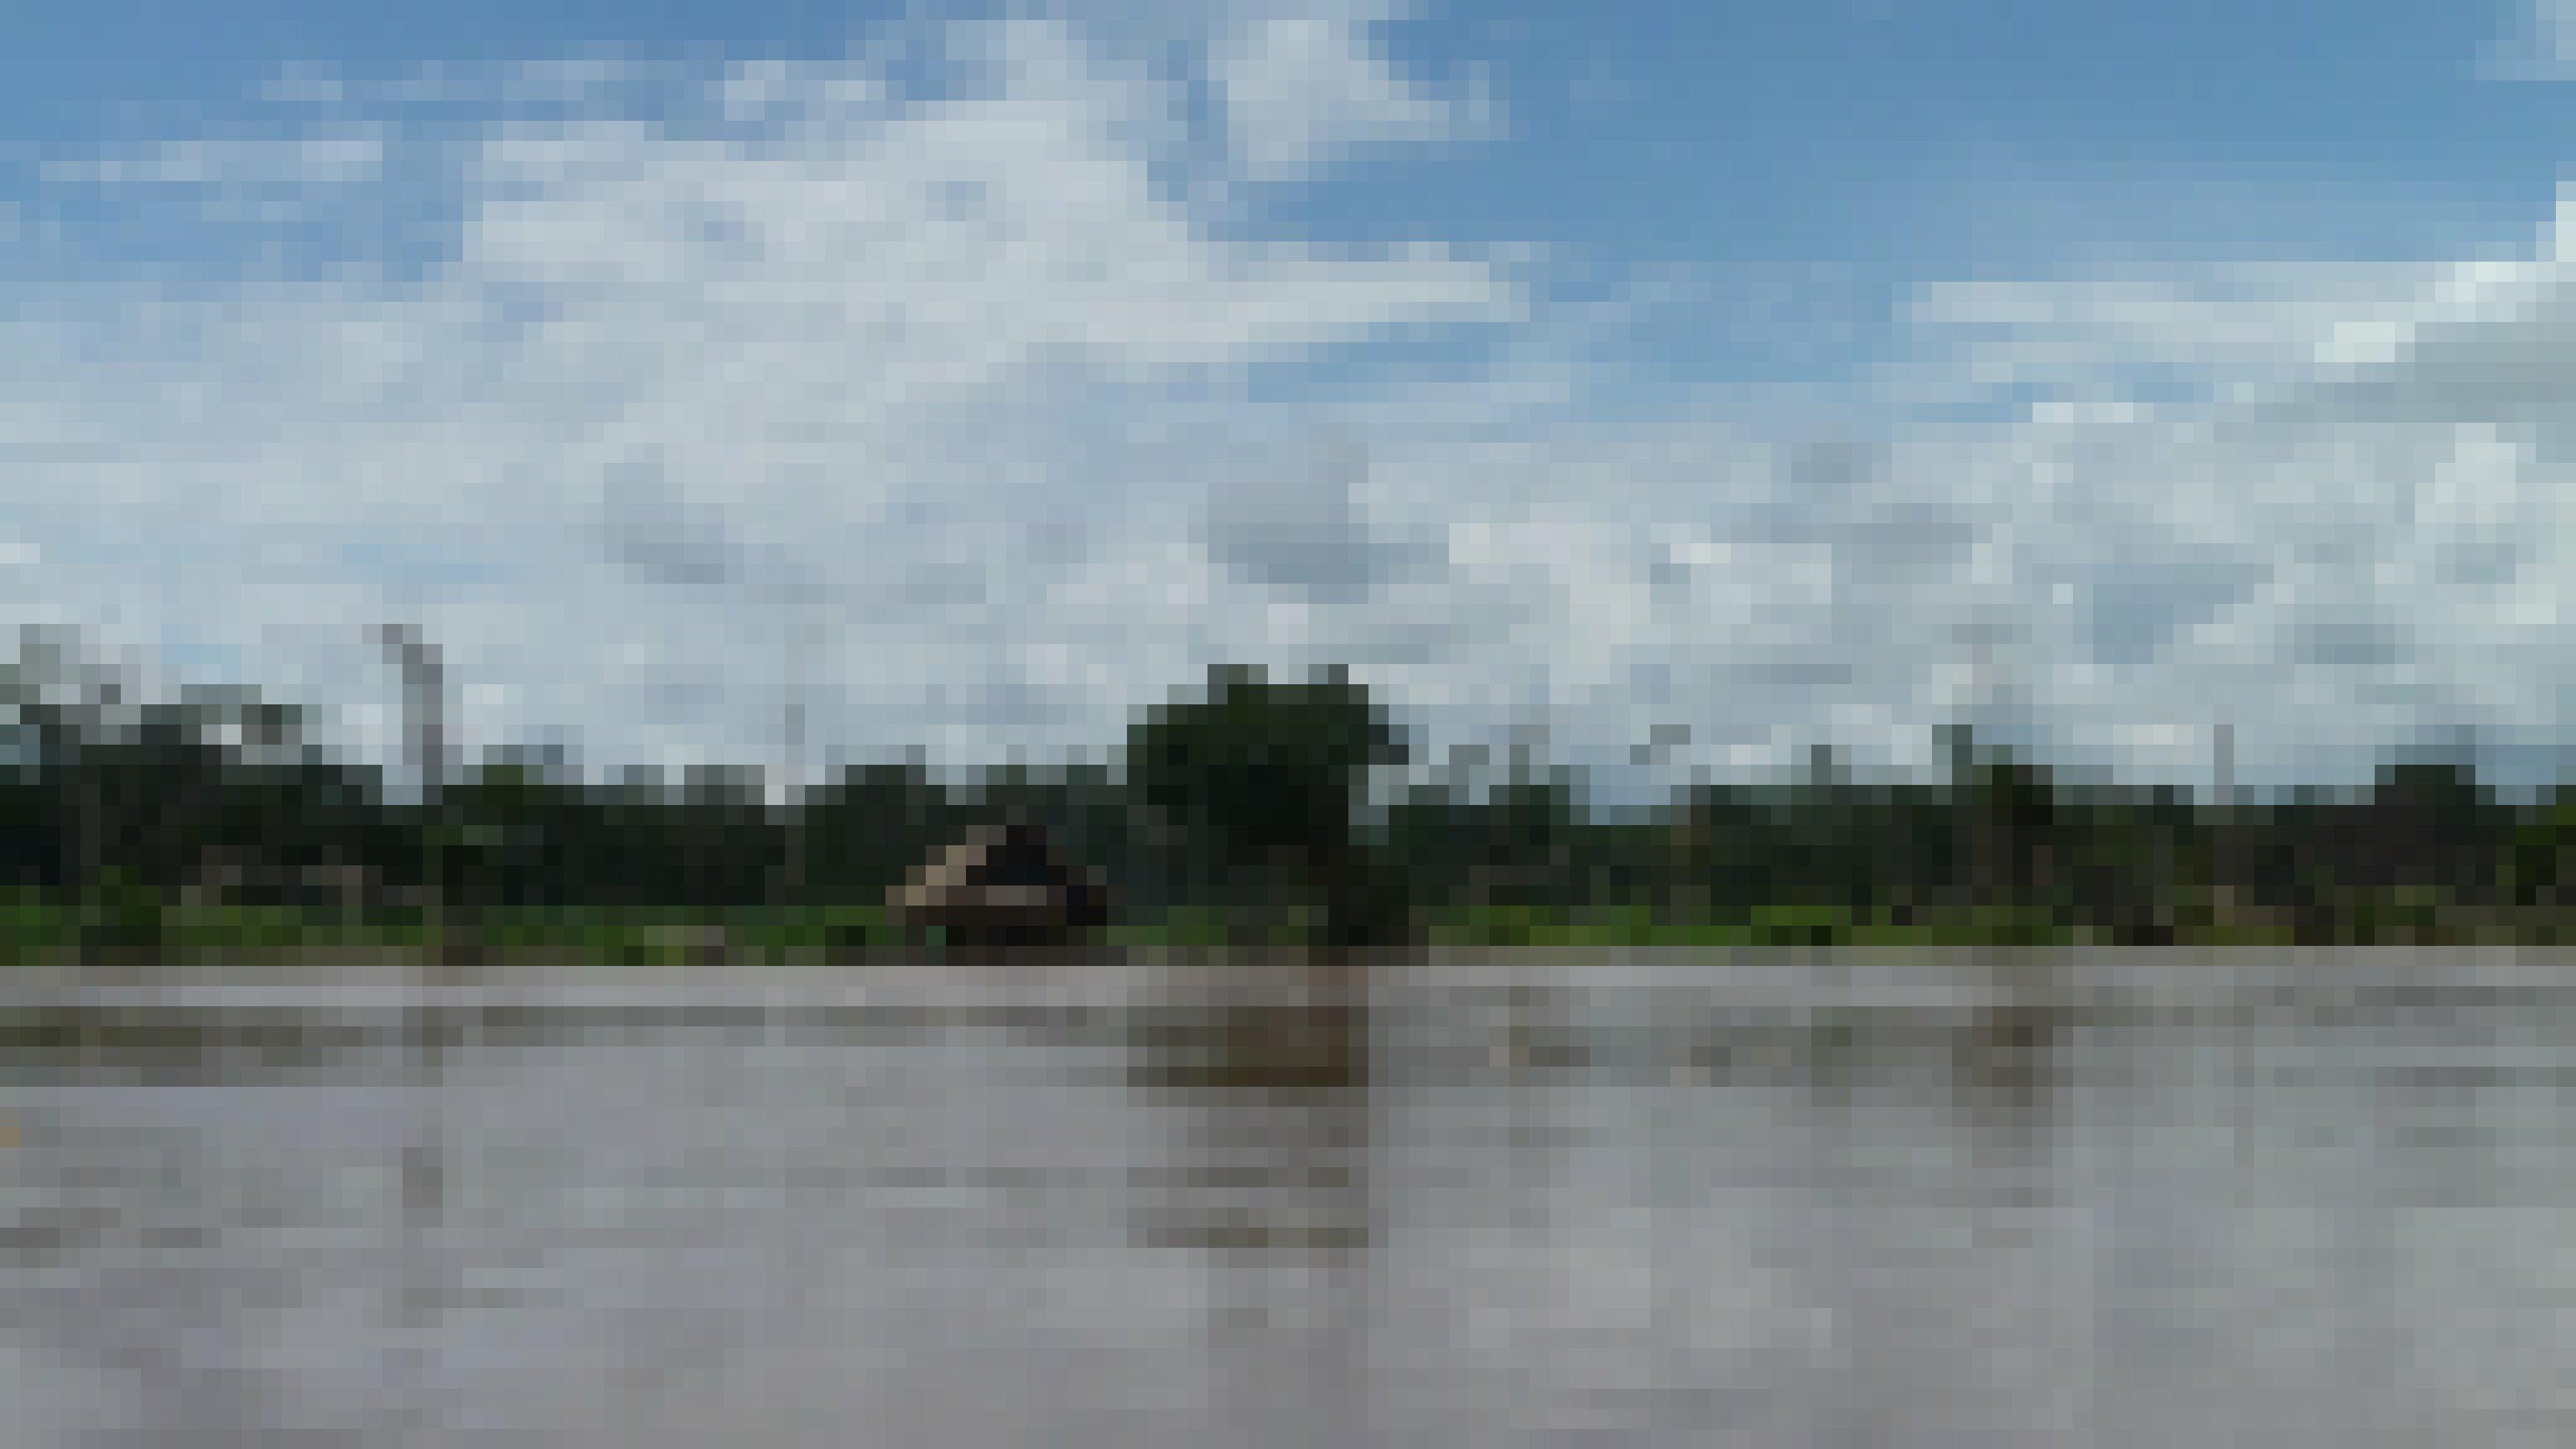 Der Paranapura-Fluss bei Hochwasser. Am Ufer sieht man ein palmstrohbedecktes Holzhaus und über der grünen Wand des tropischen Regenwaldes türmen sich Regenwolken.